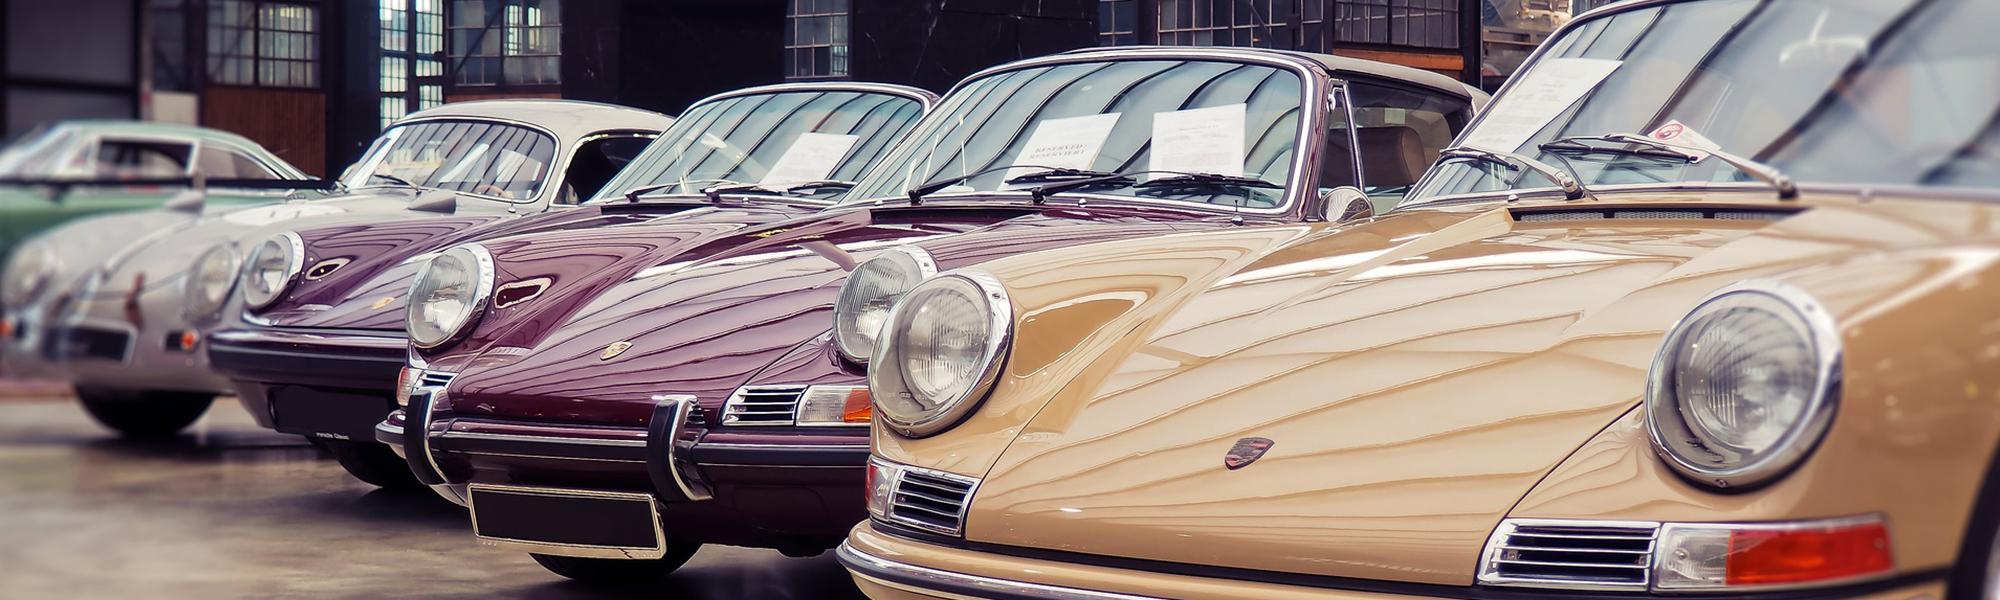 Deumidificatori d'aria per una corretta conservazione di auto d'epoca